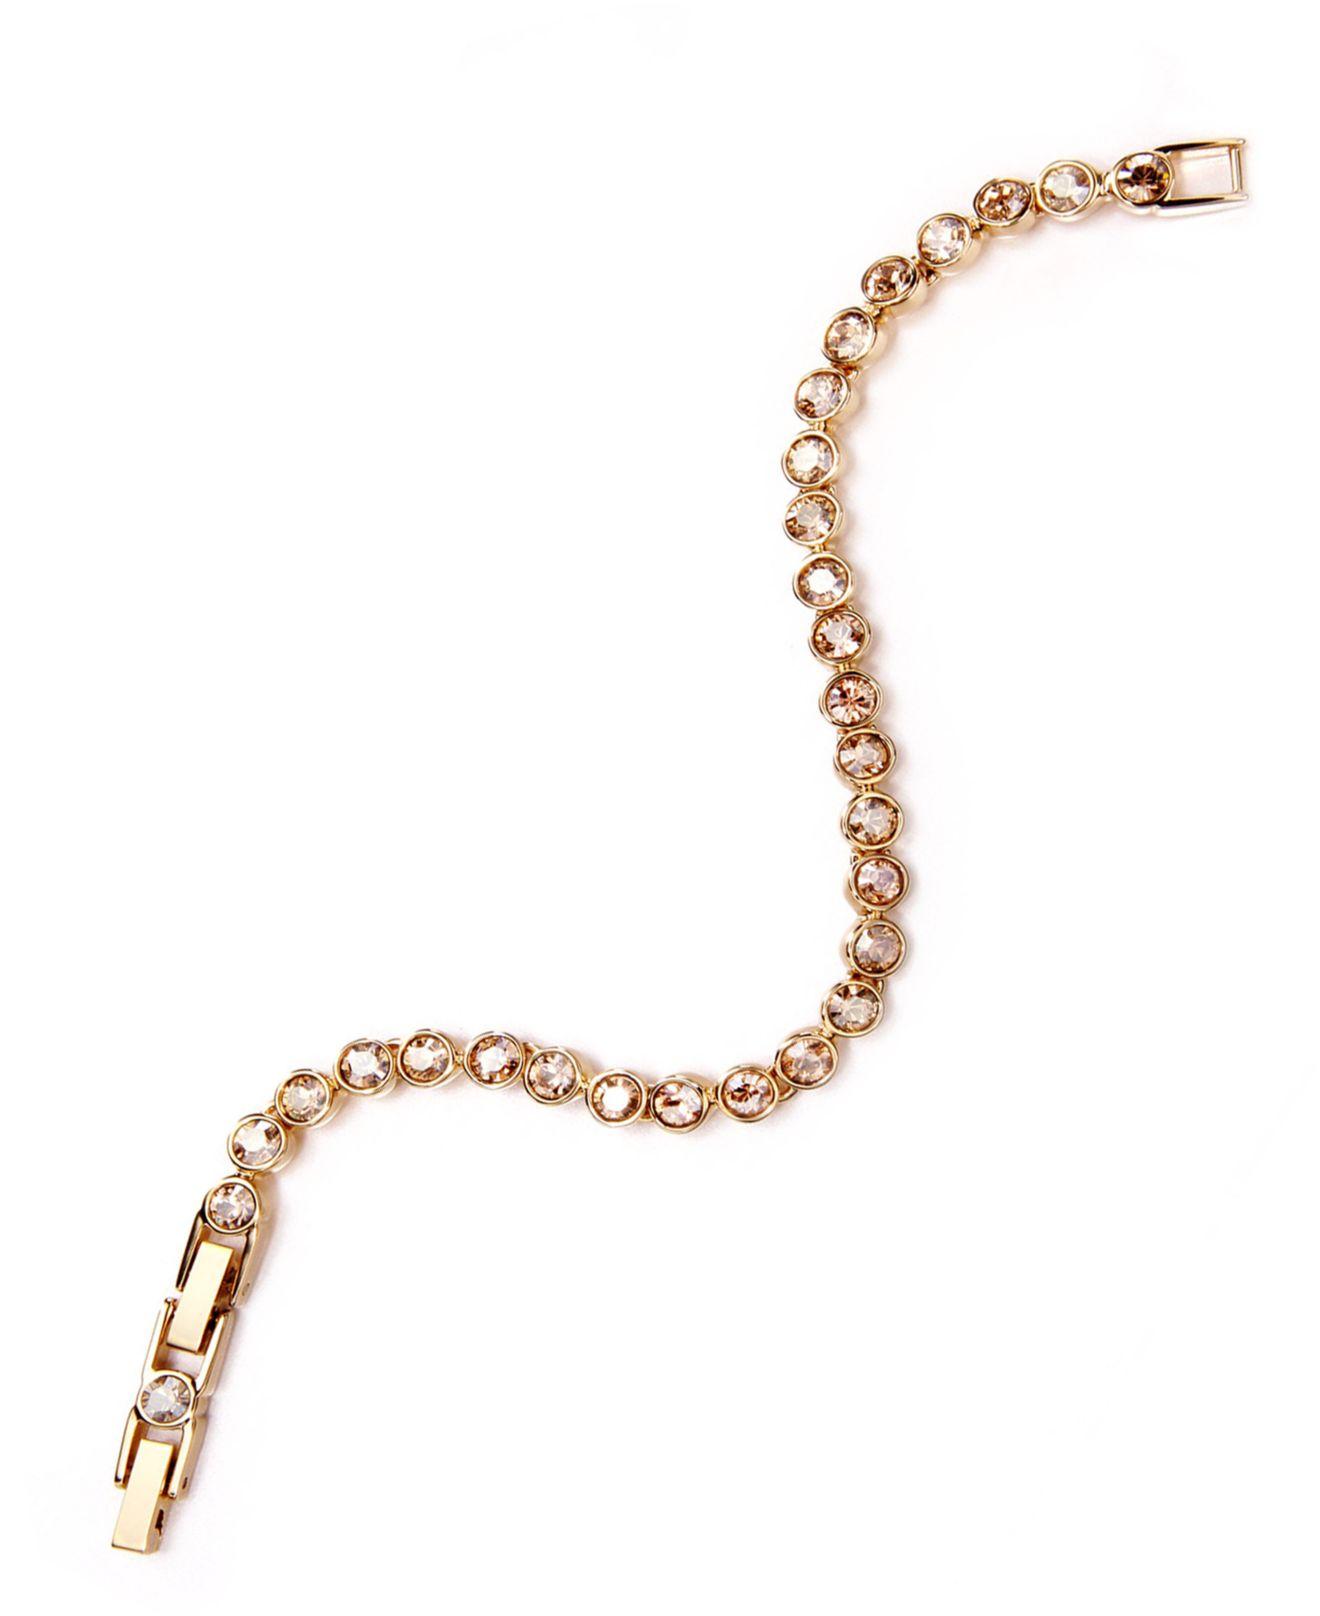 swarovski golden shadow crystal tennis bracelet in. Black Bedroom Furniture Sets. Home Design Ideas